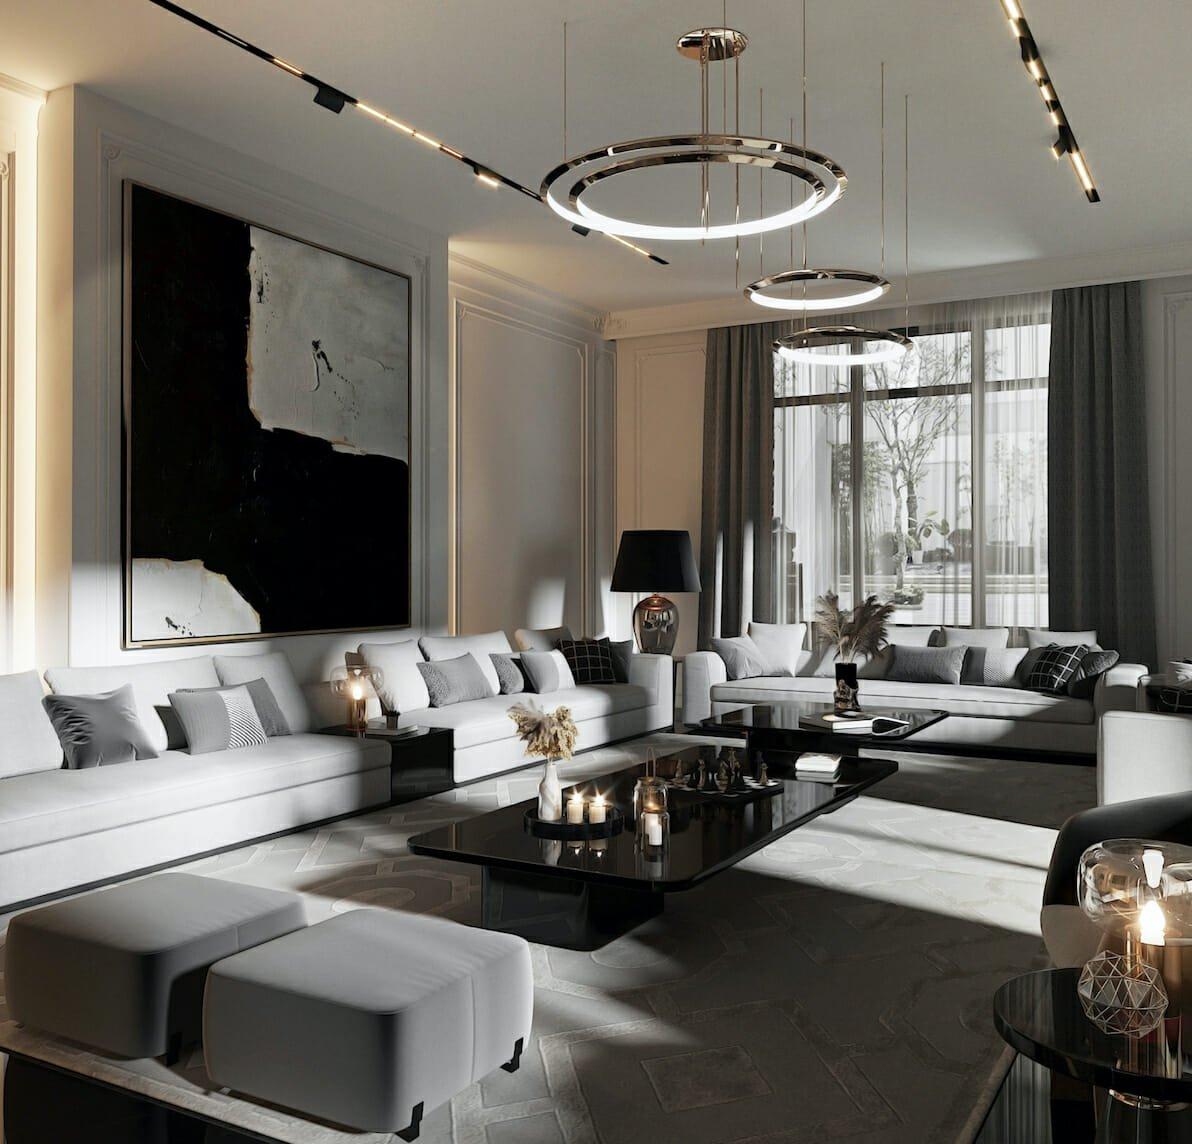 Contemporary house interior lighting design